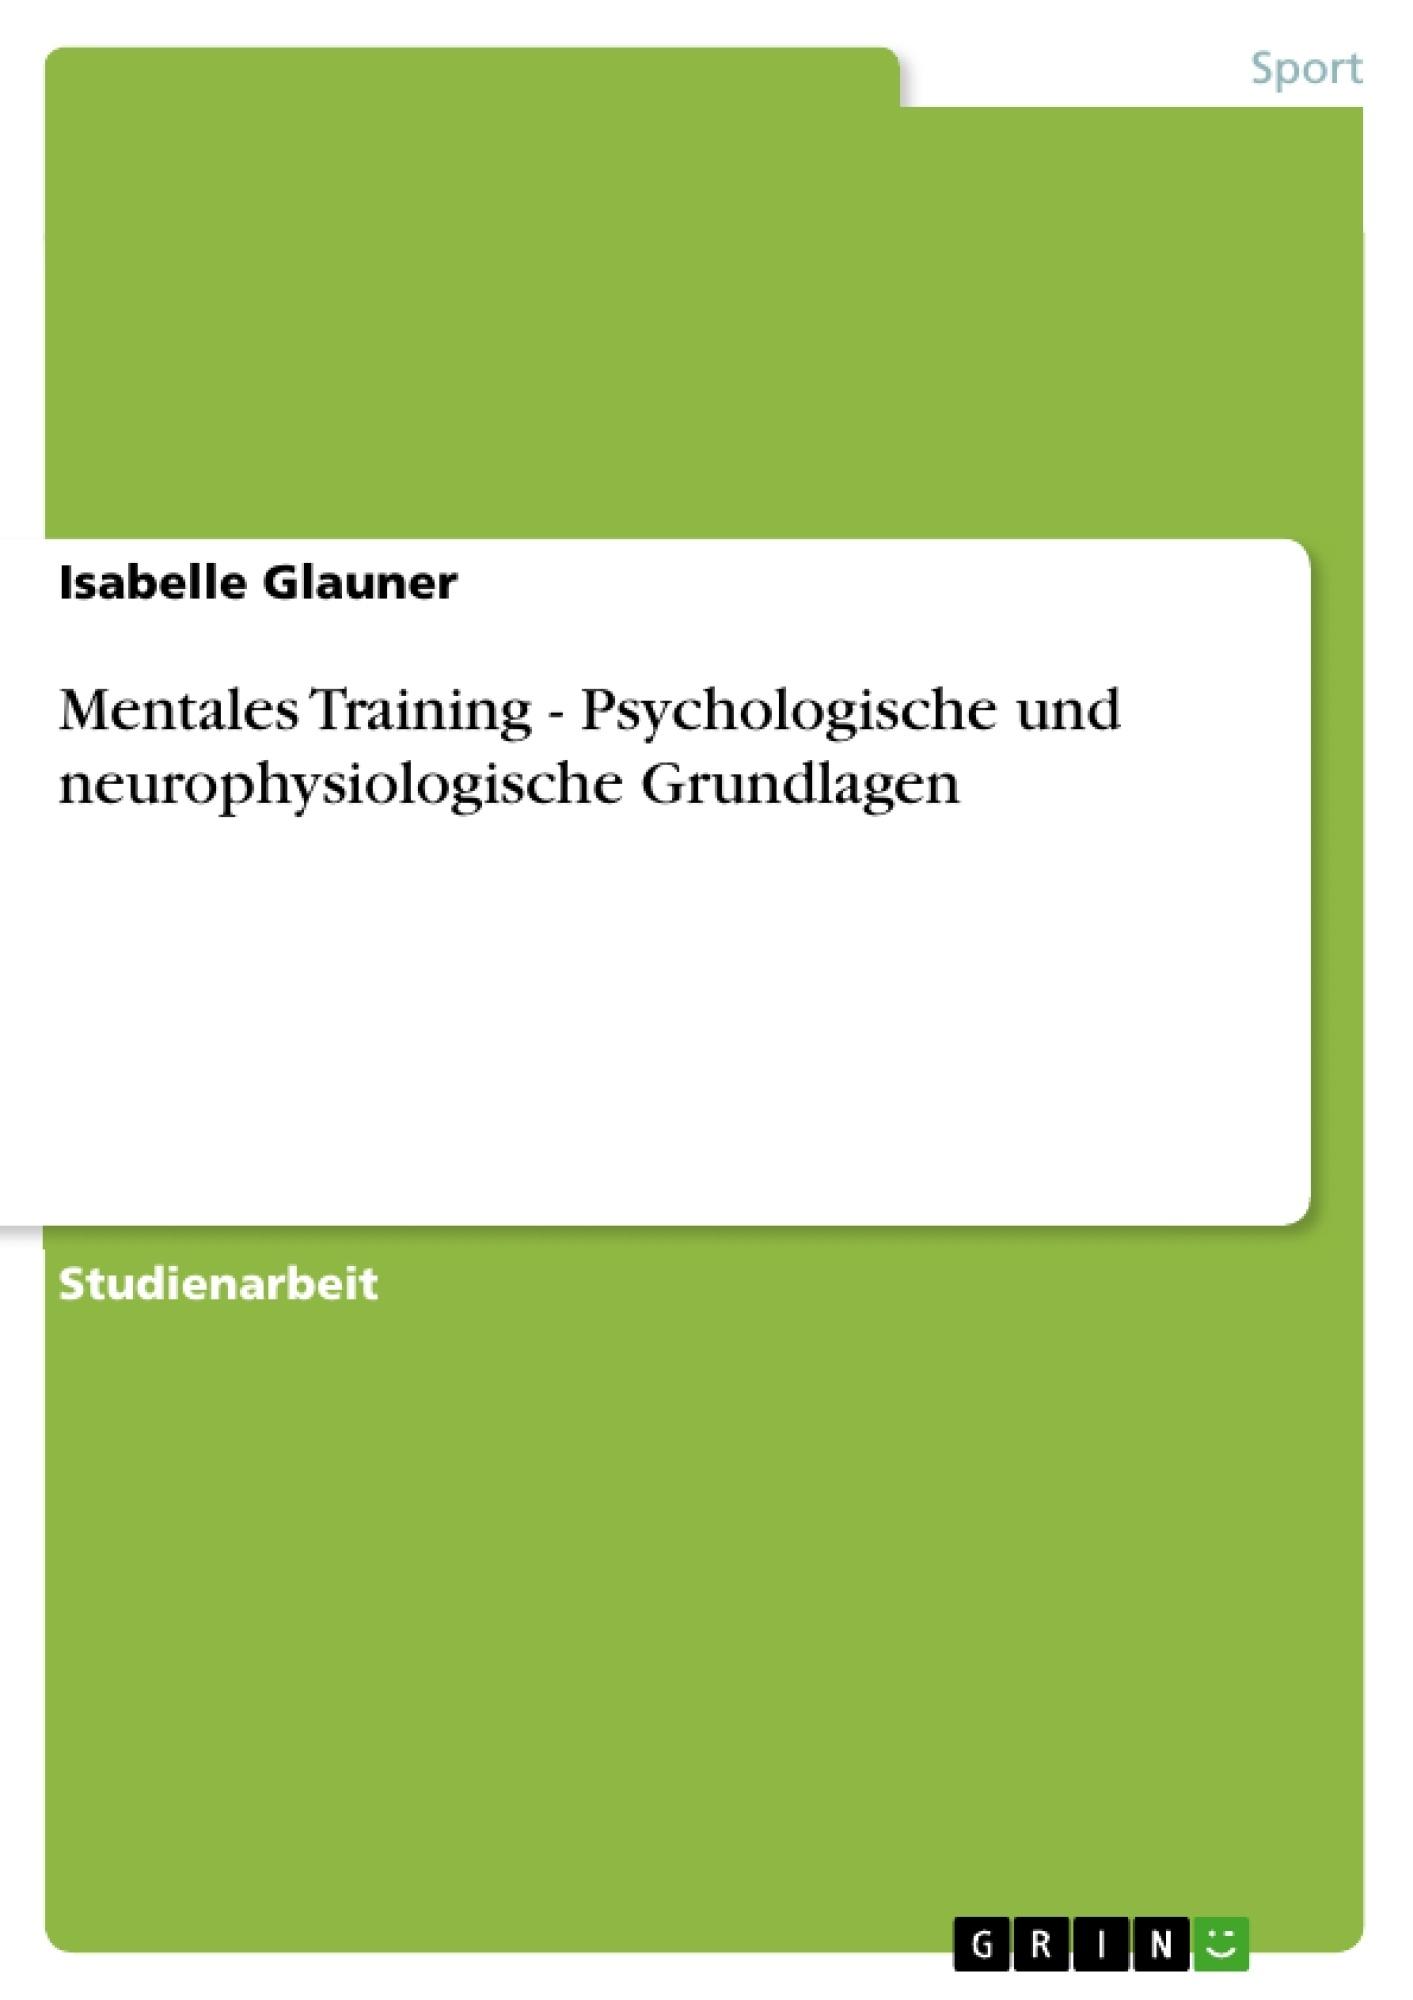 Titel: Mentales Training - Psychologische und neurophysiologische Grundlagen